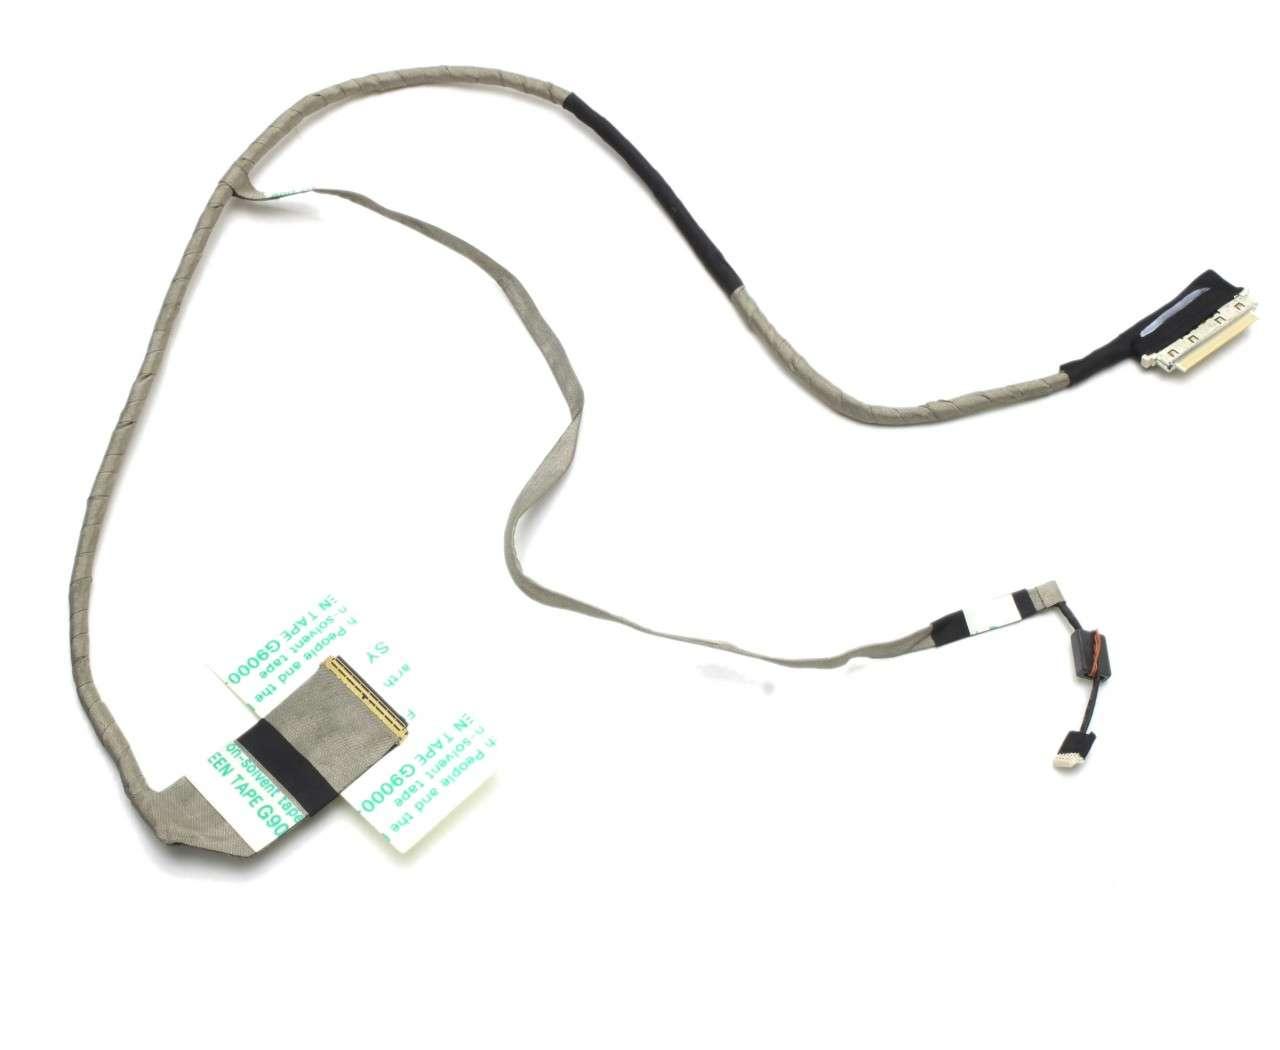 Cablu video LVDS Packard Bell EasyNote LS11HR imagine powerlaptop.ro 2021